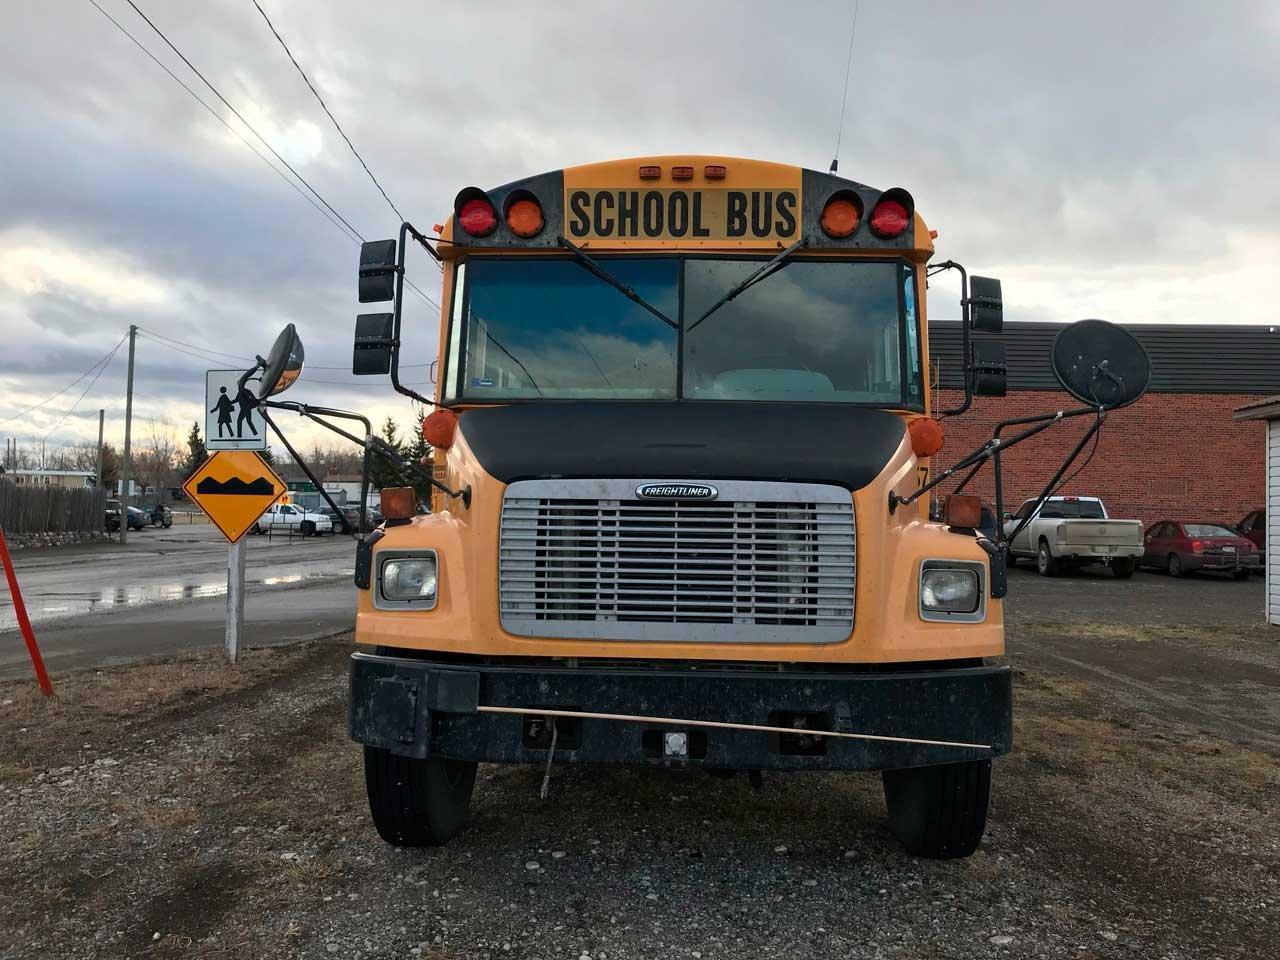 School bus in Canada